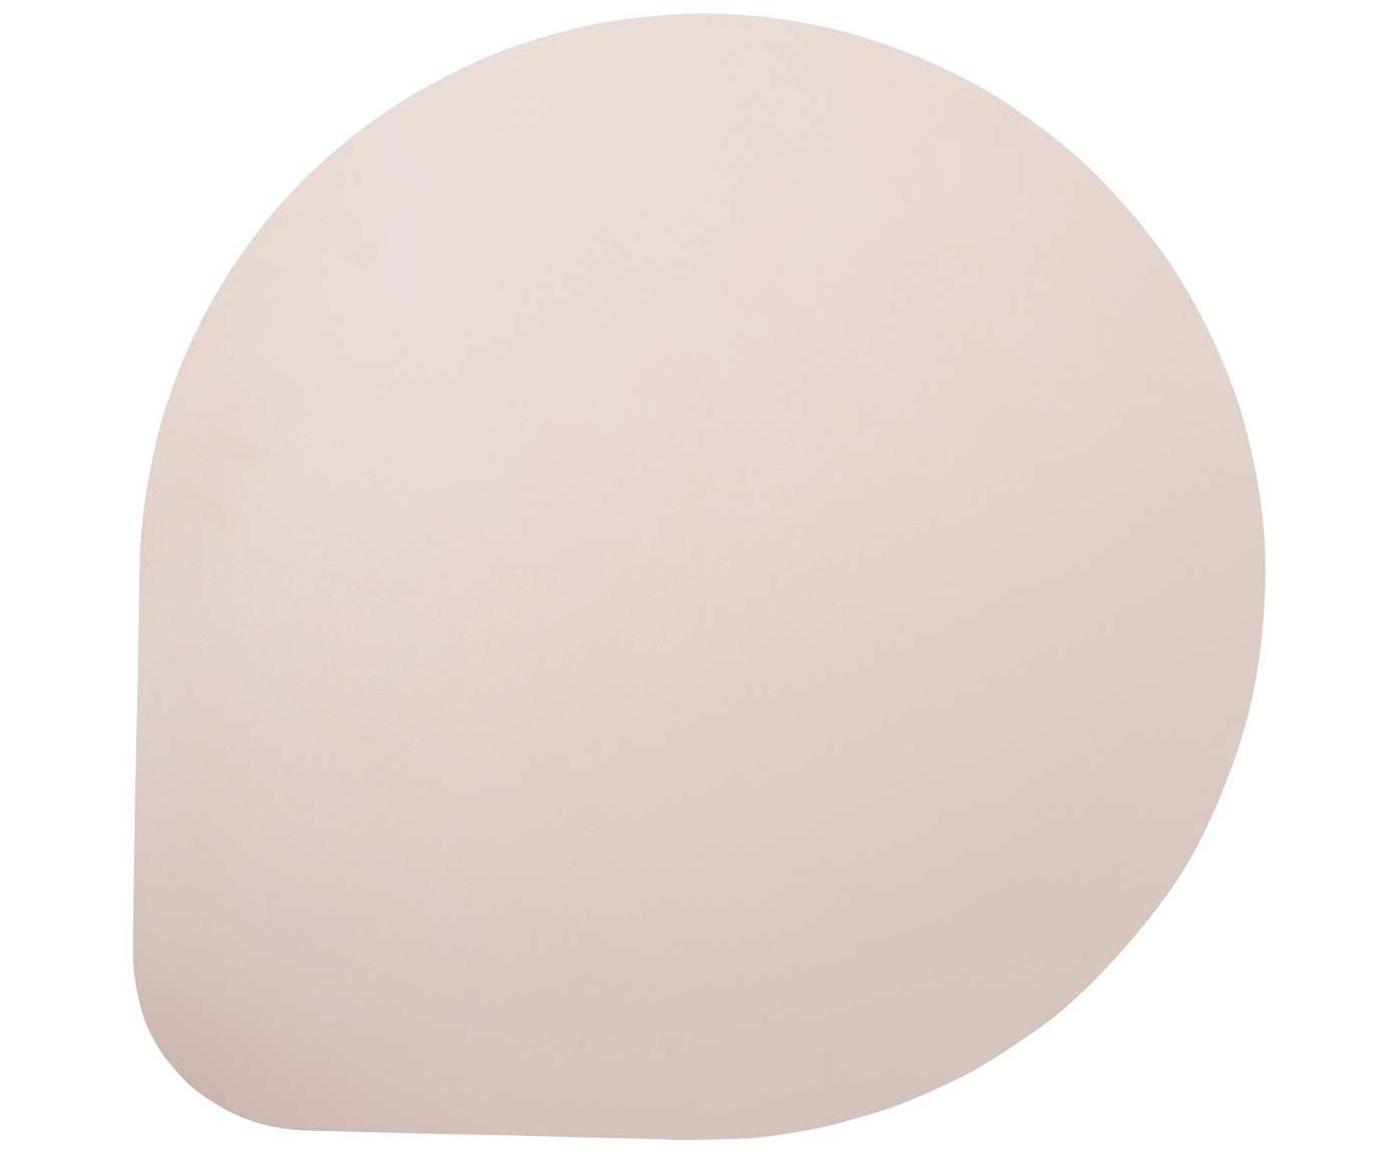 Manteles individuales de cuero sintético Povac, 2uds., Plástico (PVC), Rosa, An 37x L 37 cm